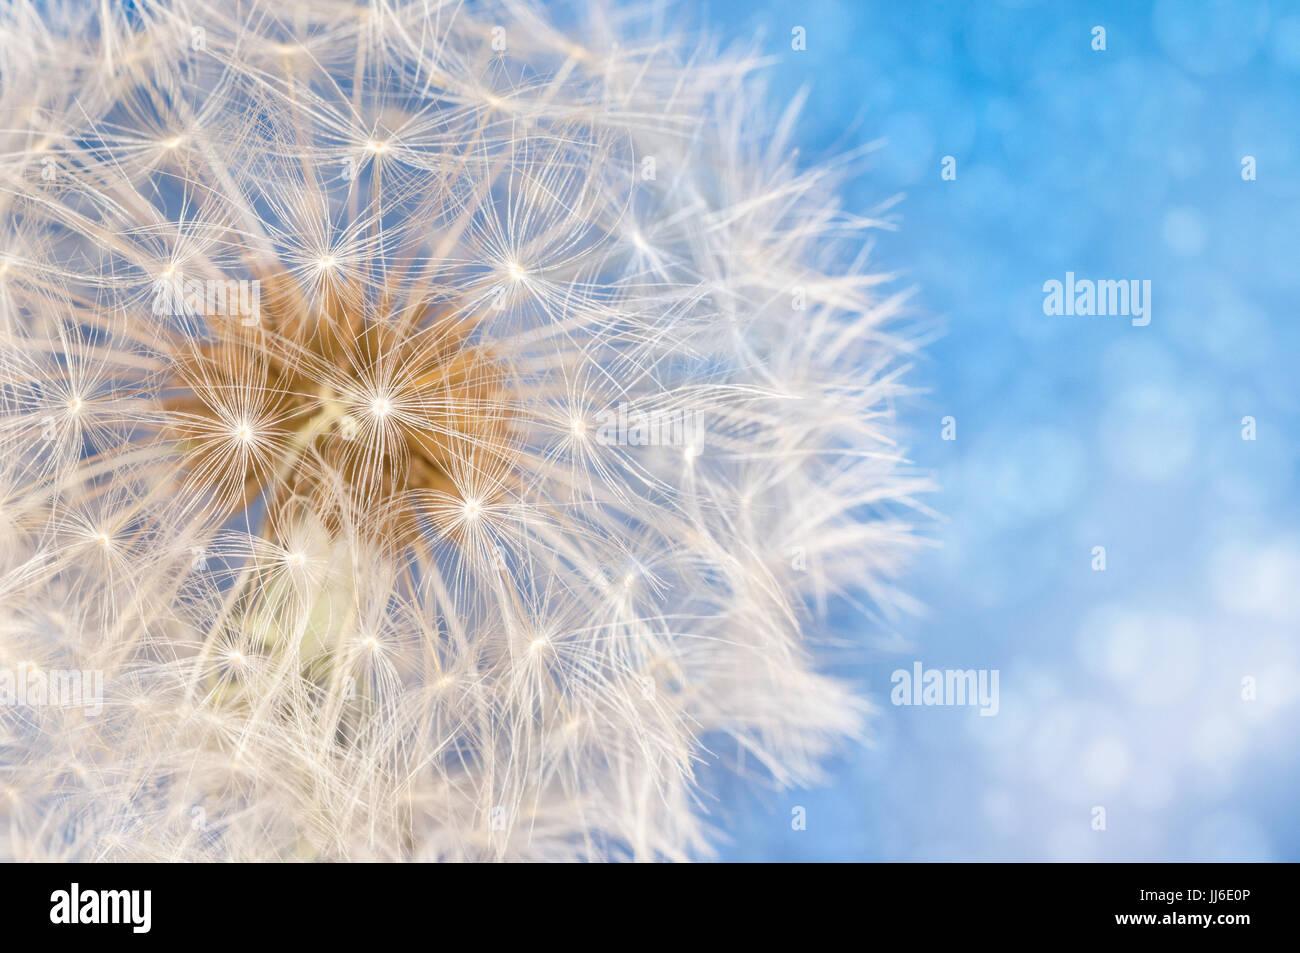 Löwenzahn Blume mit Samen Ball hautnah in blau leuchtenden Bokeh Hintergrund Stockbild